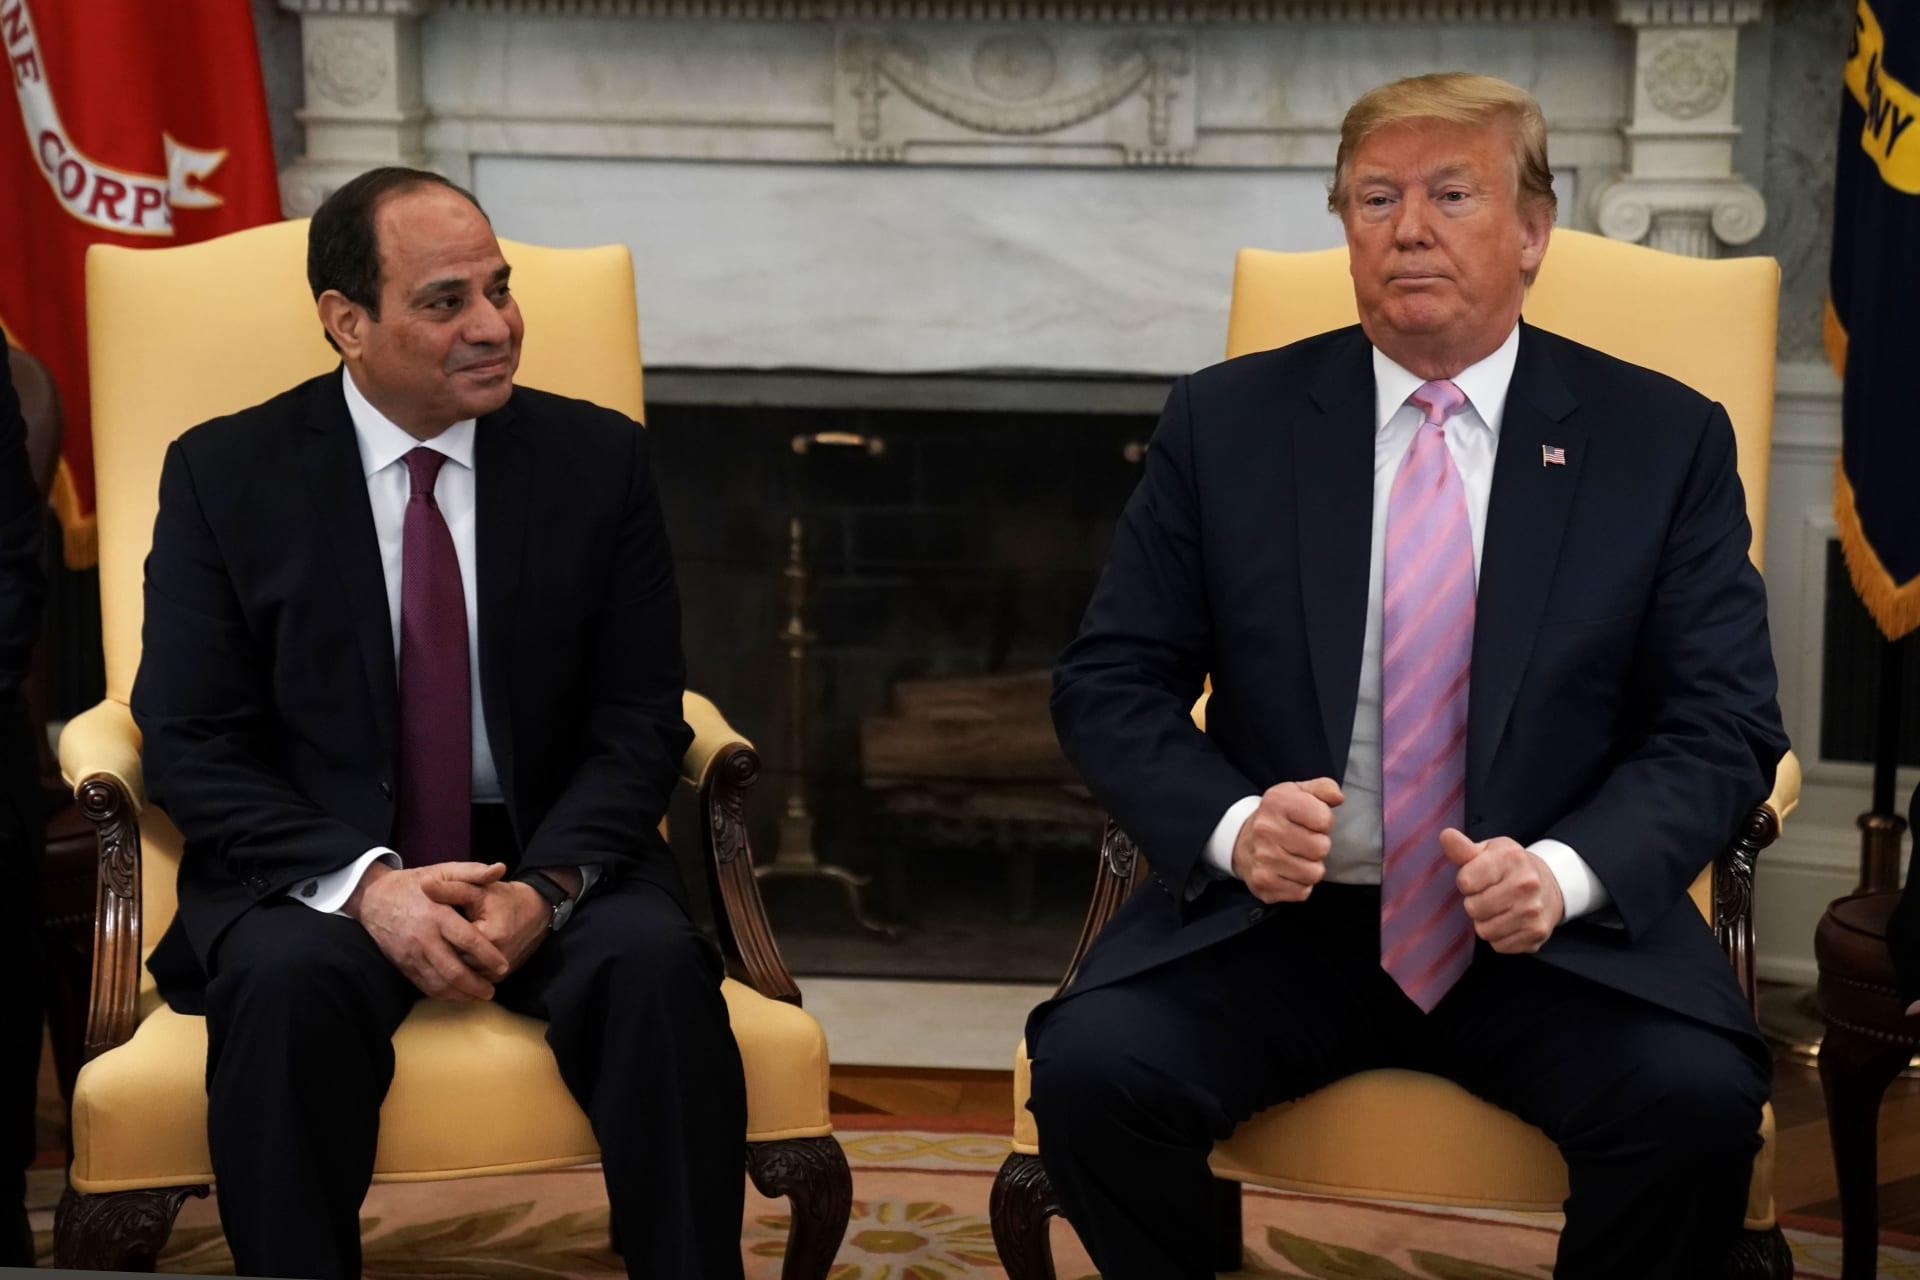 صورة أرشيفية من لقاء بين ترامب والسيسي بالبيت الأبيض في 9 أبريل 2019